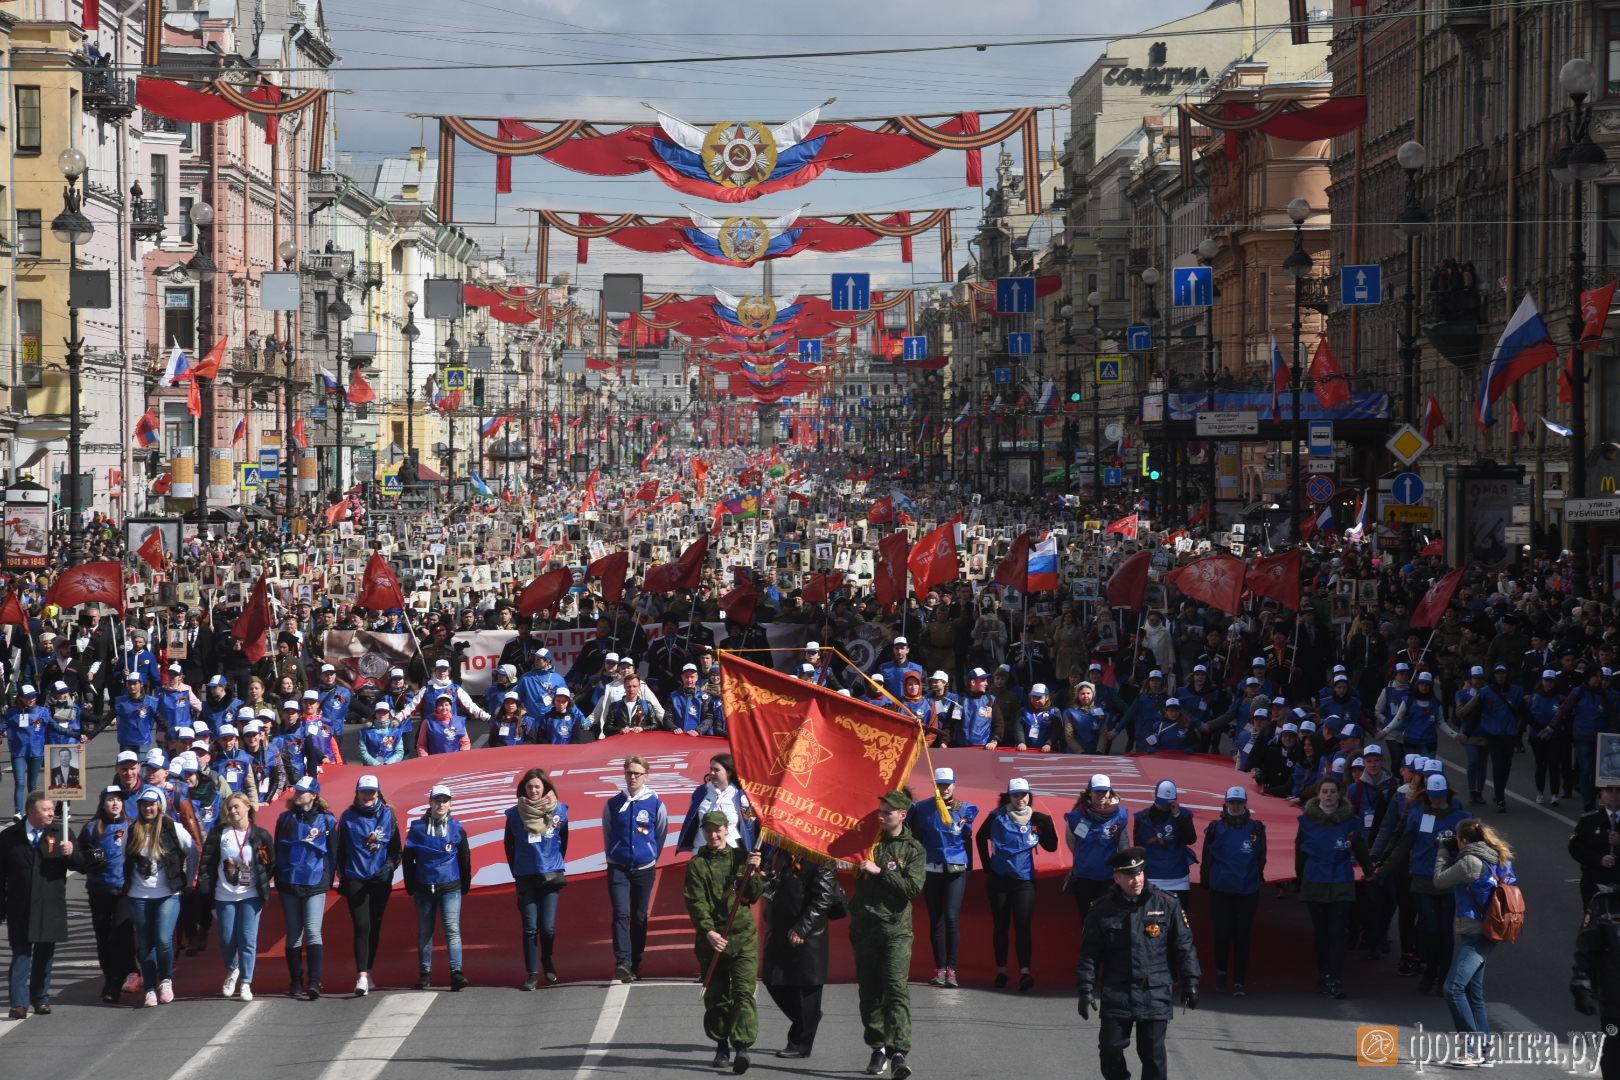 Шествие Бессмертного полка в Санкт-Петербурге в 2017 году